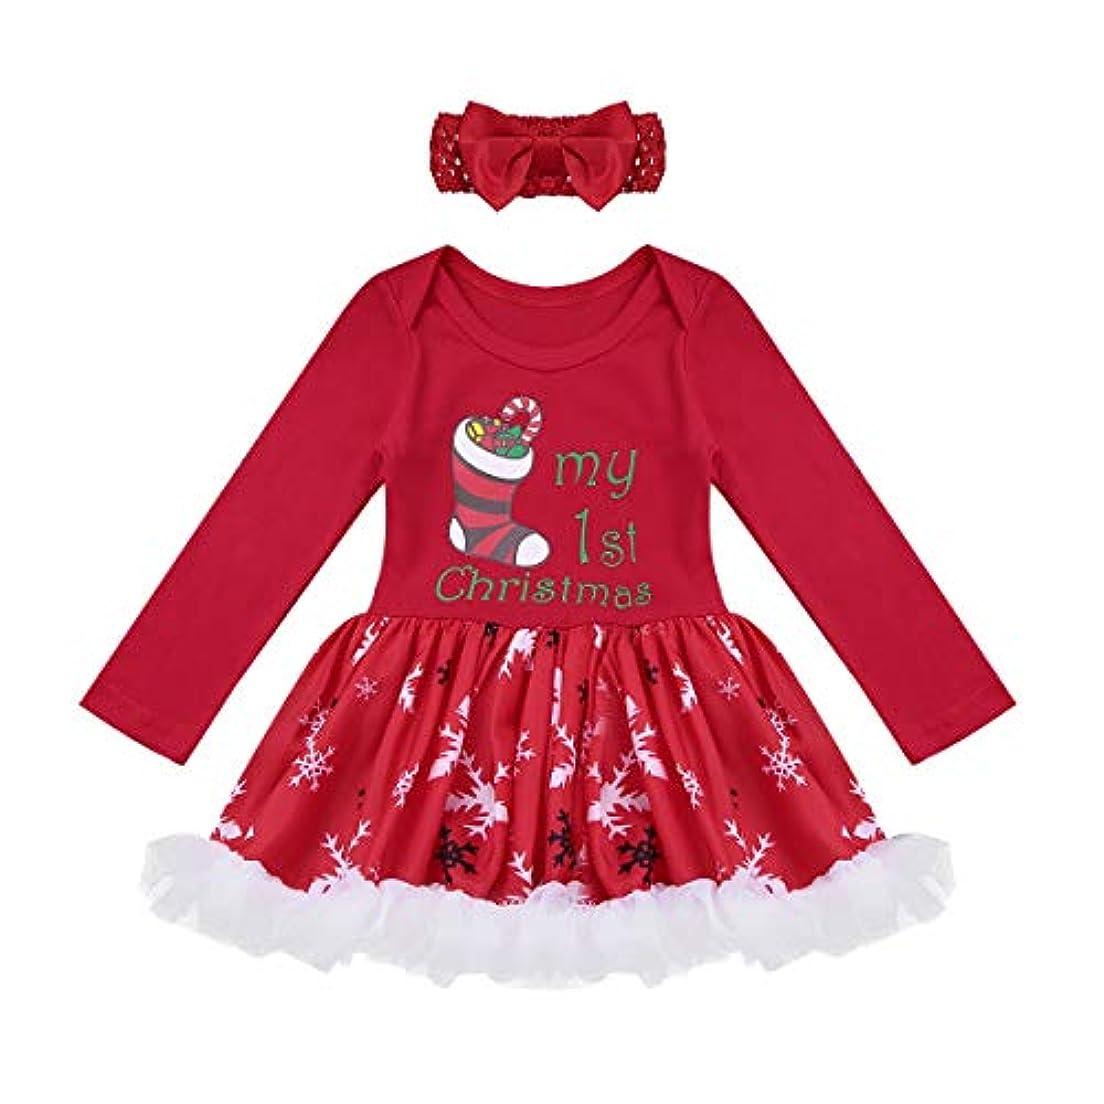 不愉快異議早い(アゴキー)Agoky 新生児 ベビー 子供 ガールズ クリスマス サンタクロース キッズ コスチューム 長袖 ロンパース ワンピース ドレス チュチュスカート ヘッドバンド付き レッド2 80